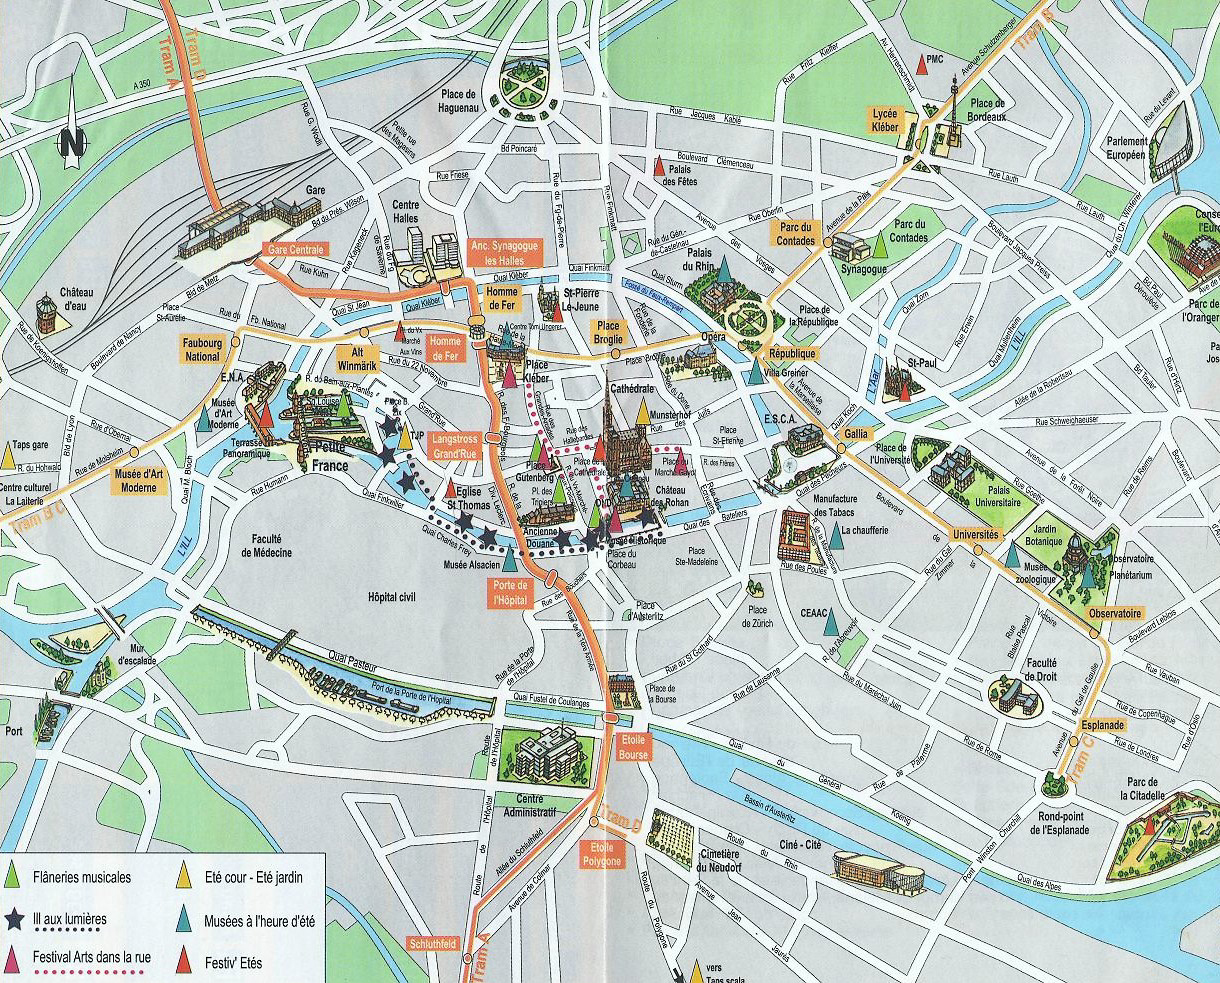 bécs belváros térkép Fekete erdő 2013.08.24   2013.08.31. bécs belváros térkép